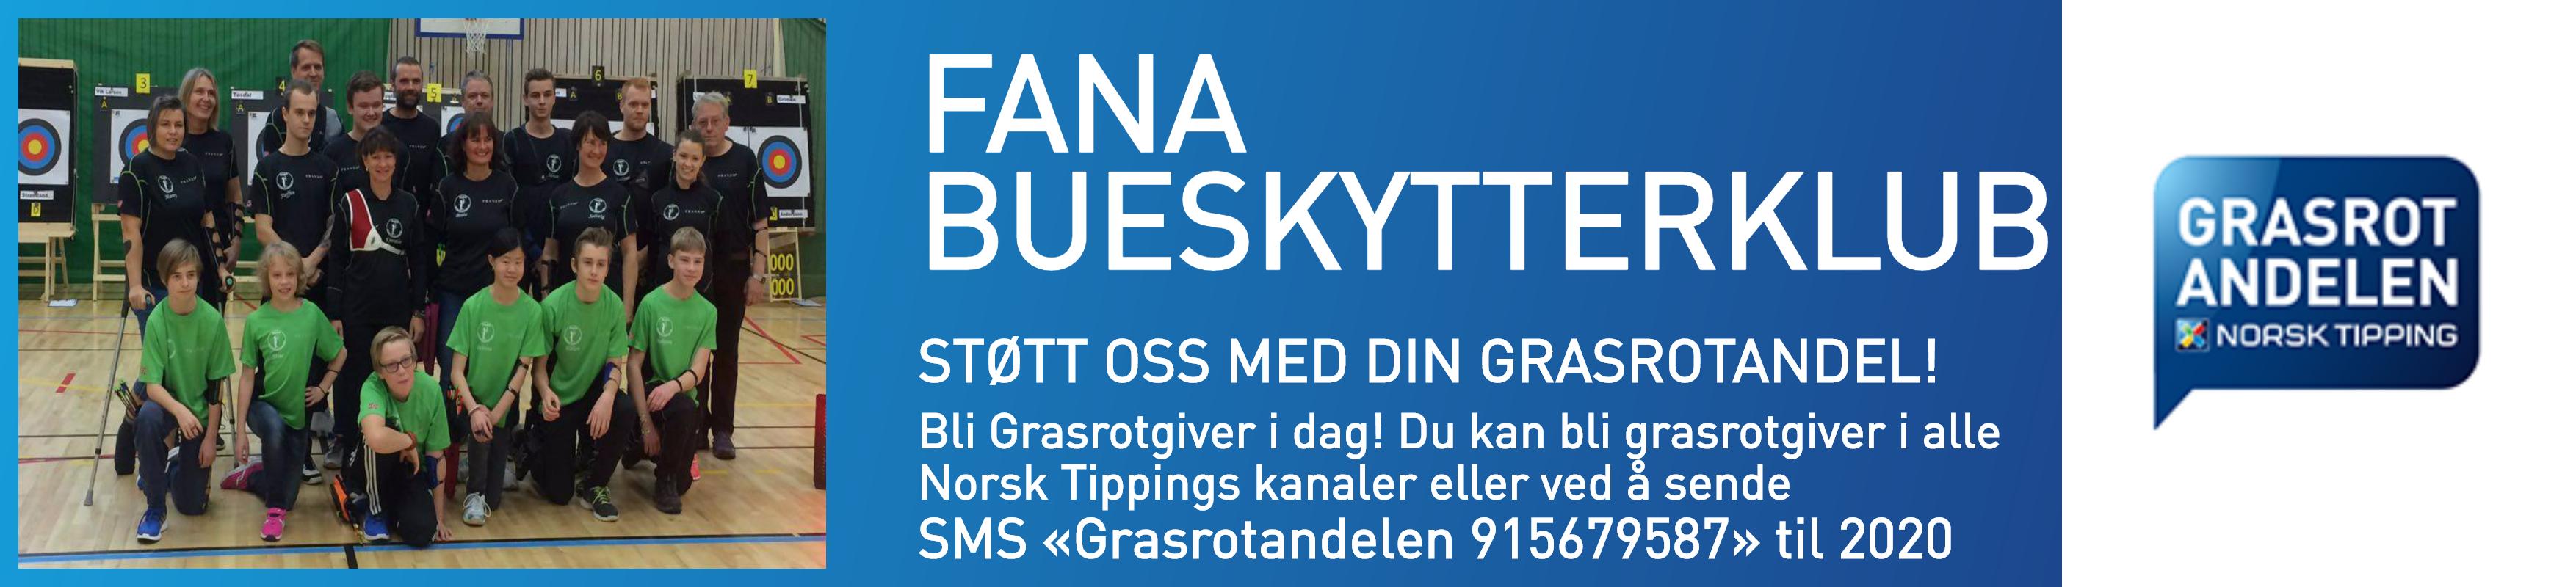 Støtt klubben via Grasrotandelen hos Norsk Tipping!